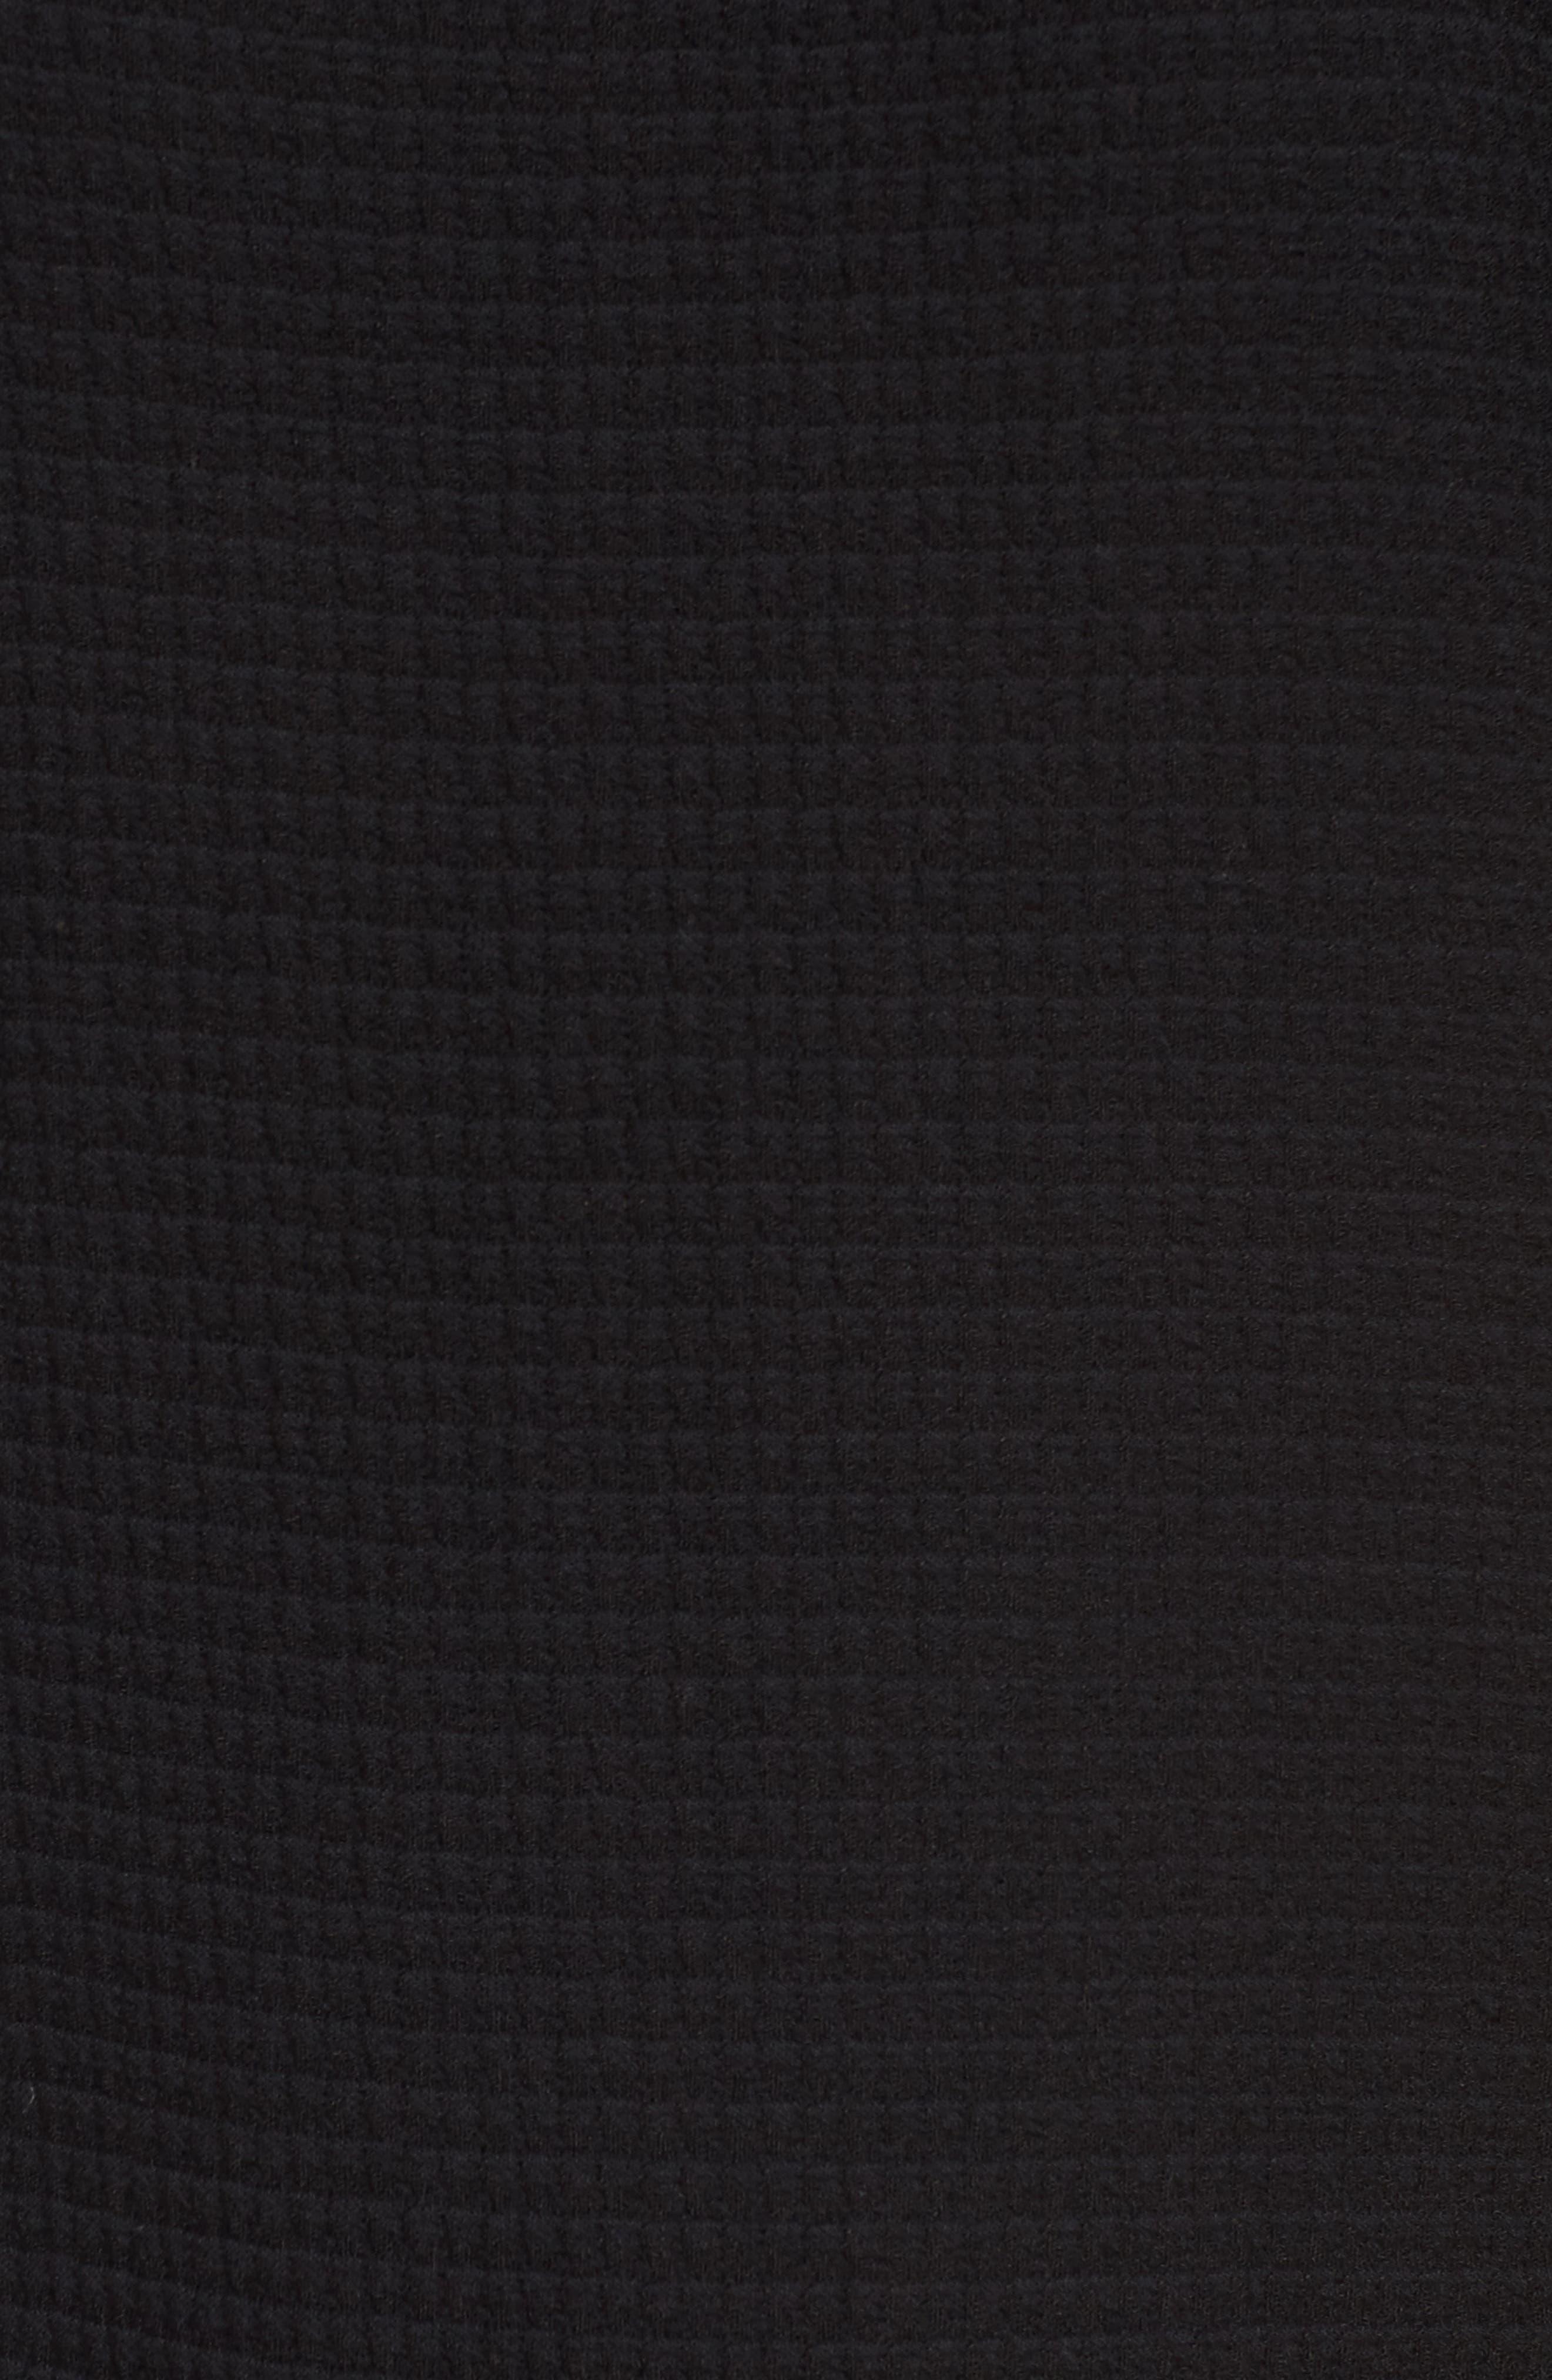 Jacquard Shift Dress,                             Alternate thumbnail 5, color,                             001